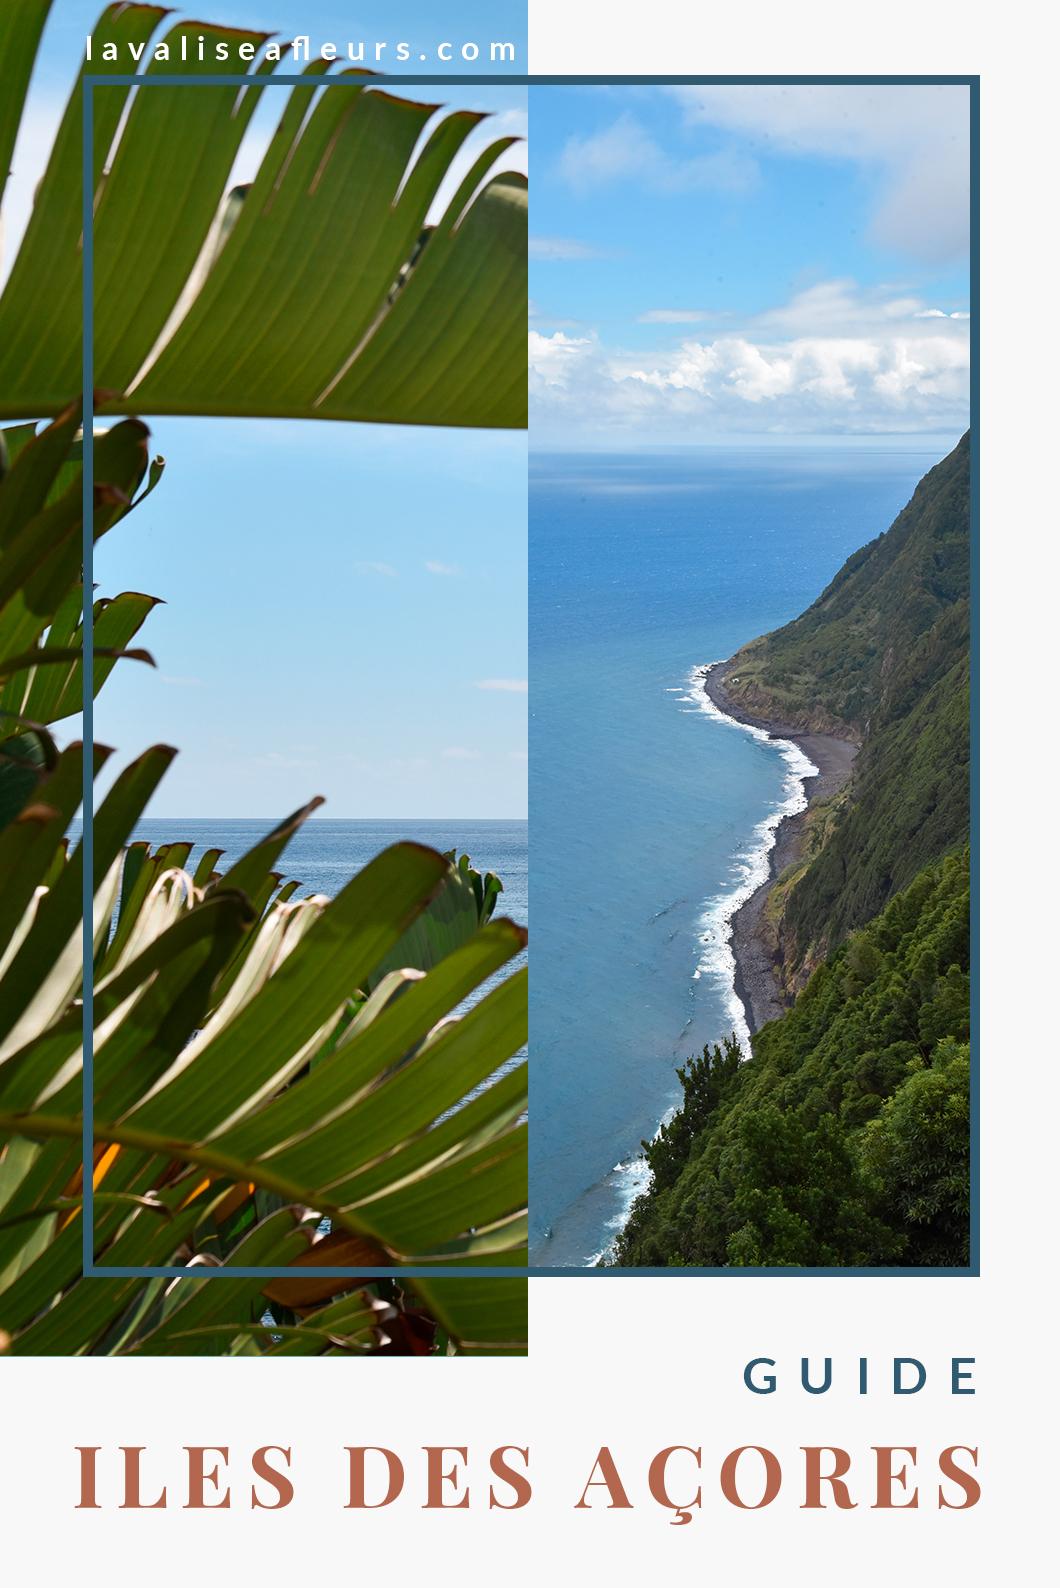 Guide des îles des Açores